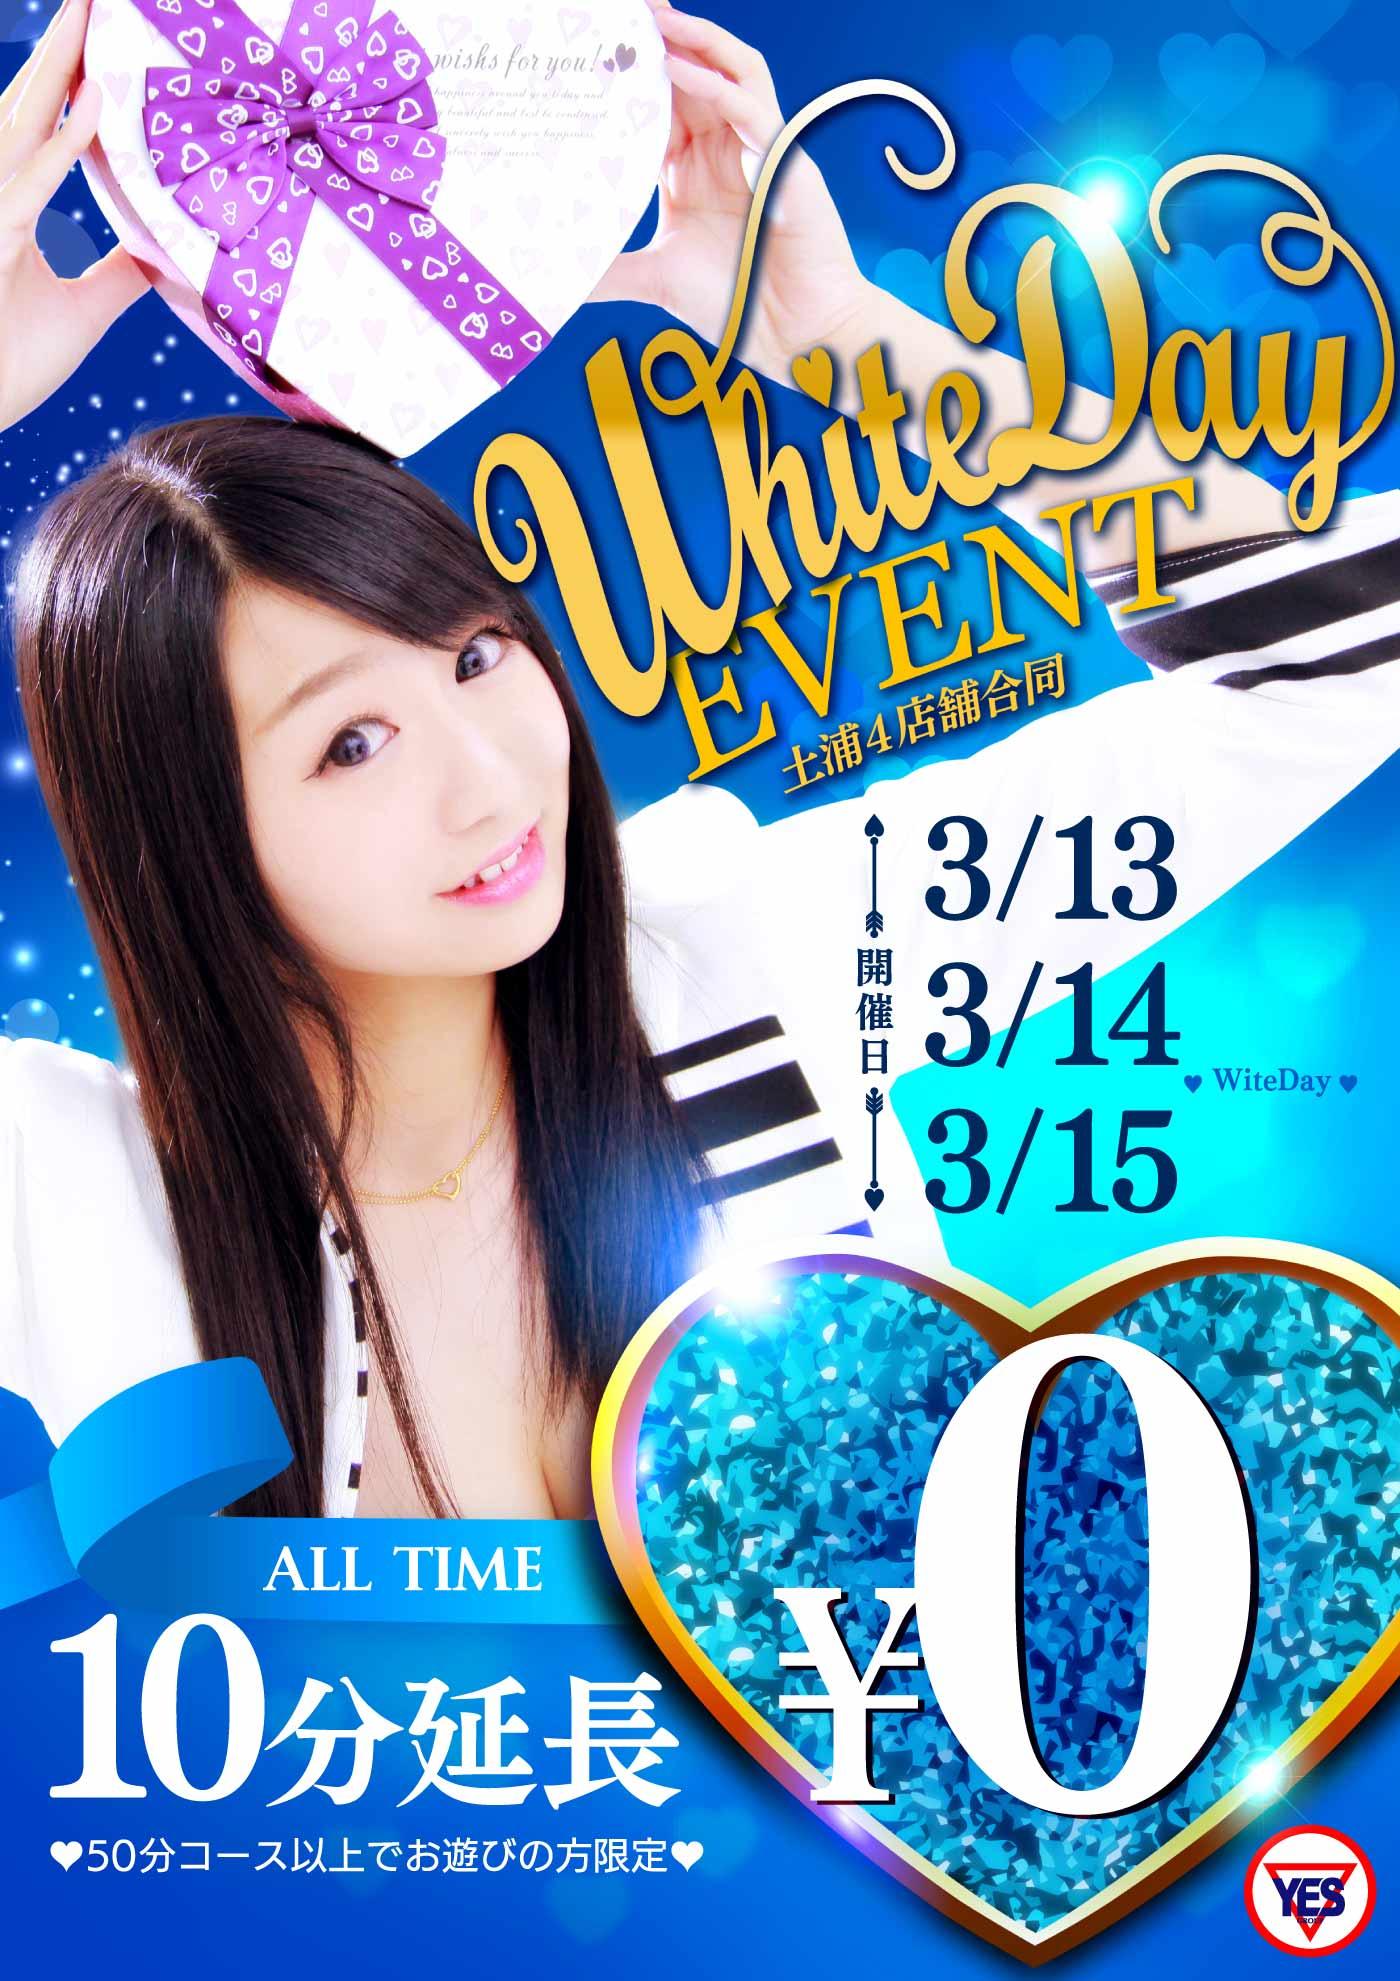 土浦4店舗合同ホワイトデーイベント